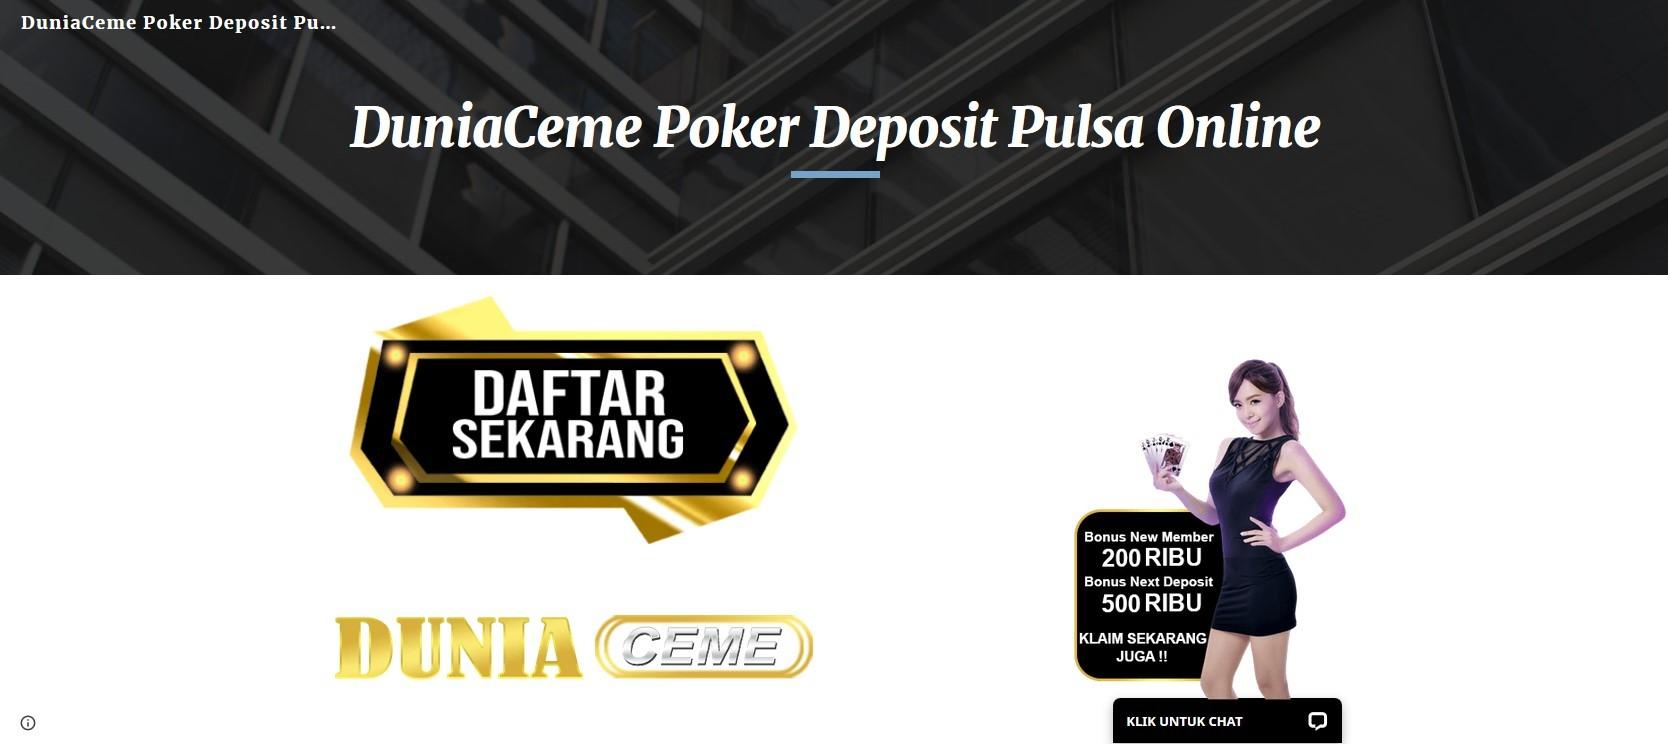 Duniaceme Poker Deposit Pulsa Online Teletype